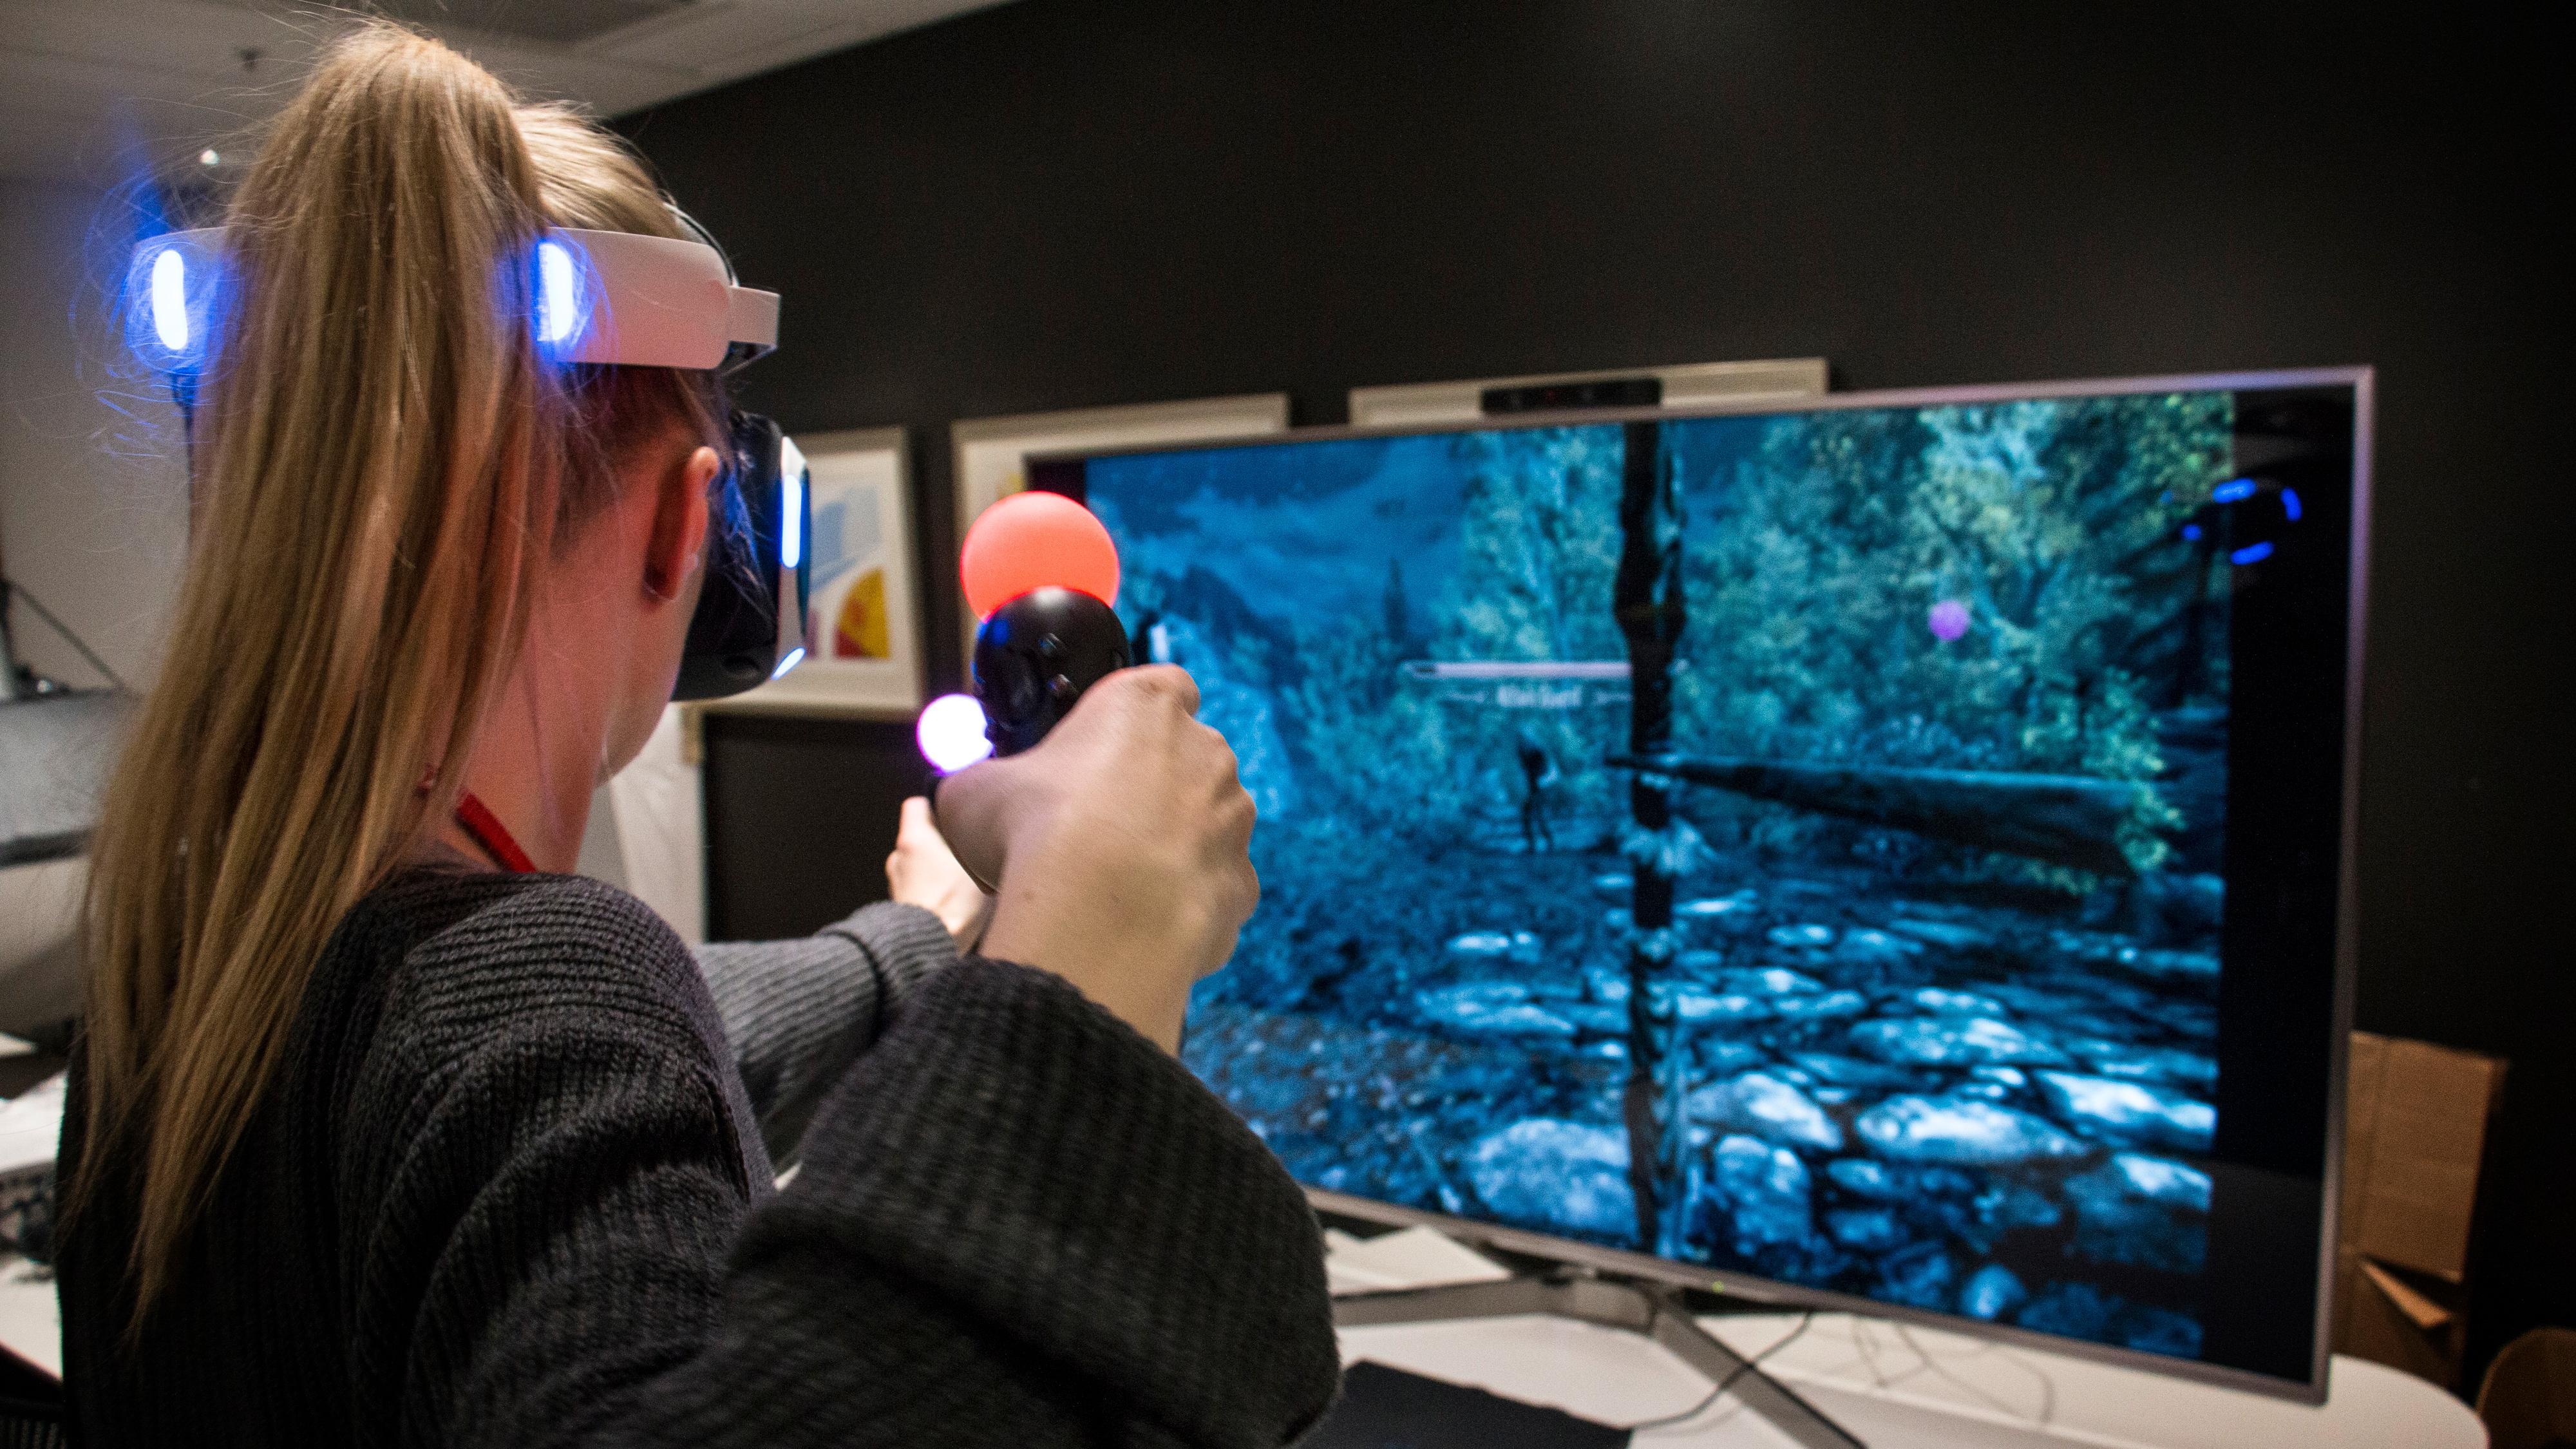 Endelig en fullblods VR-opplevelse: Slik var det å spille Skyrim i VR